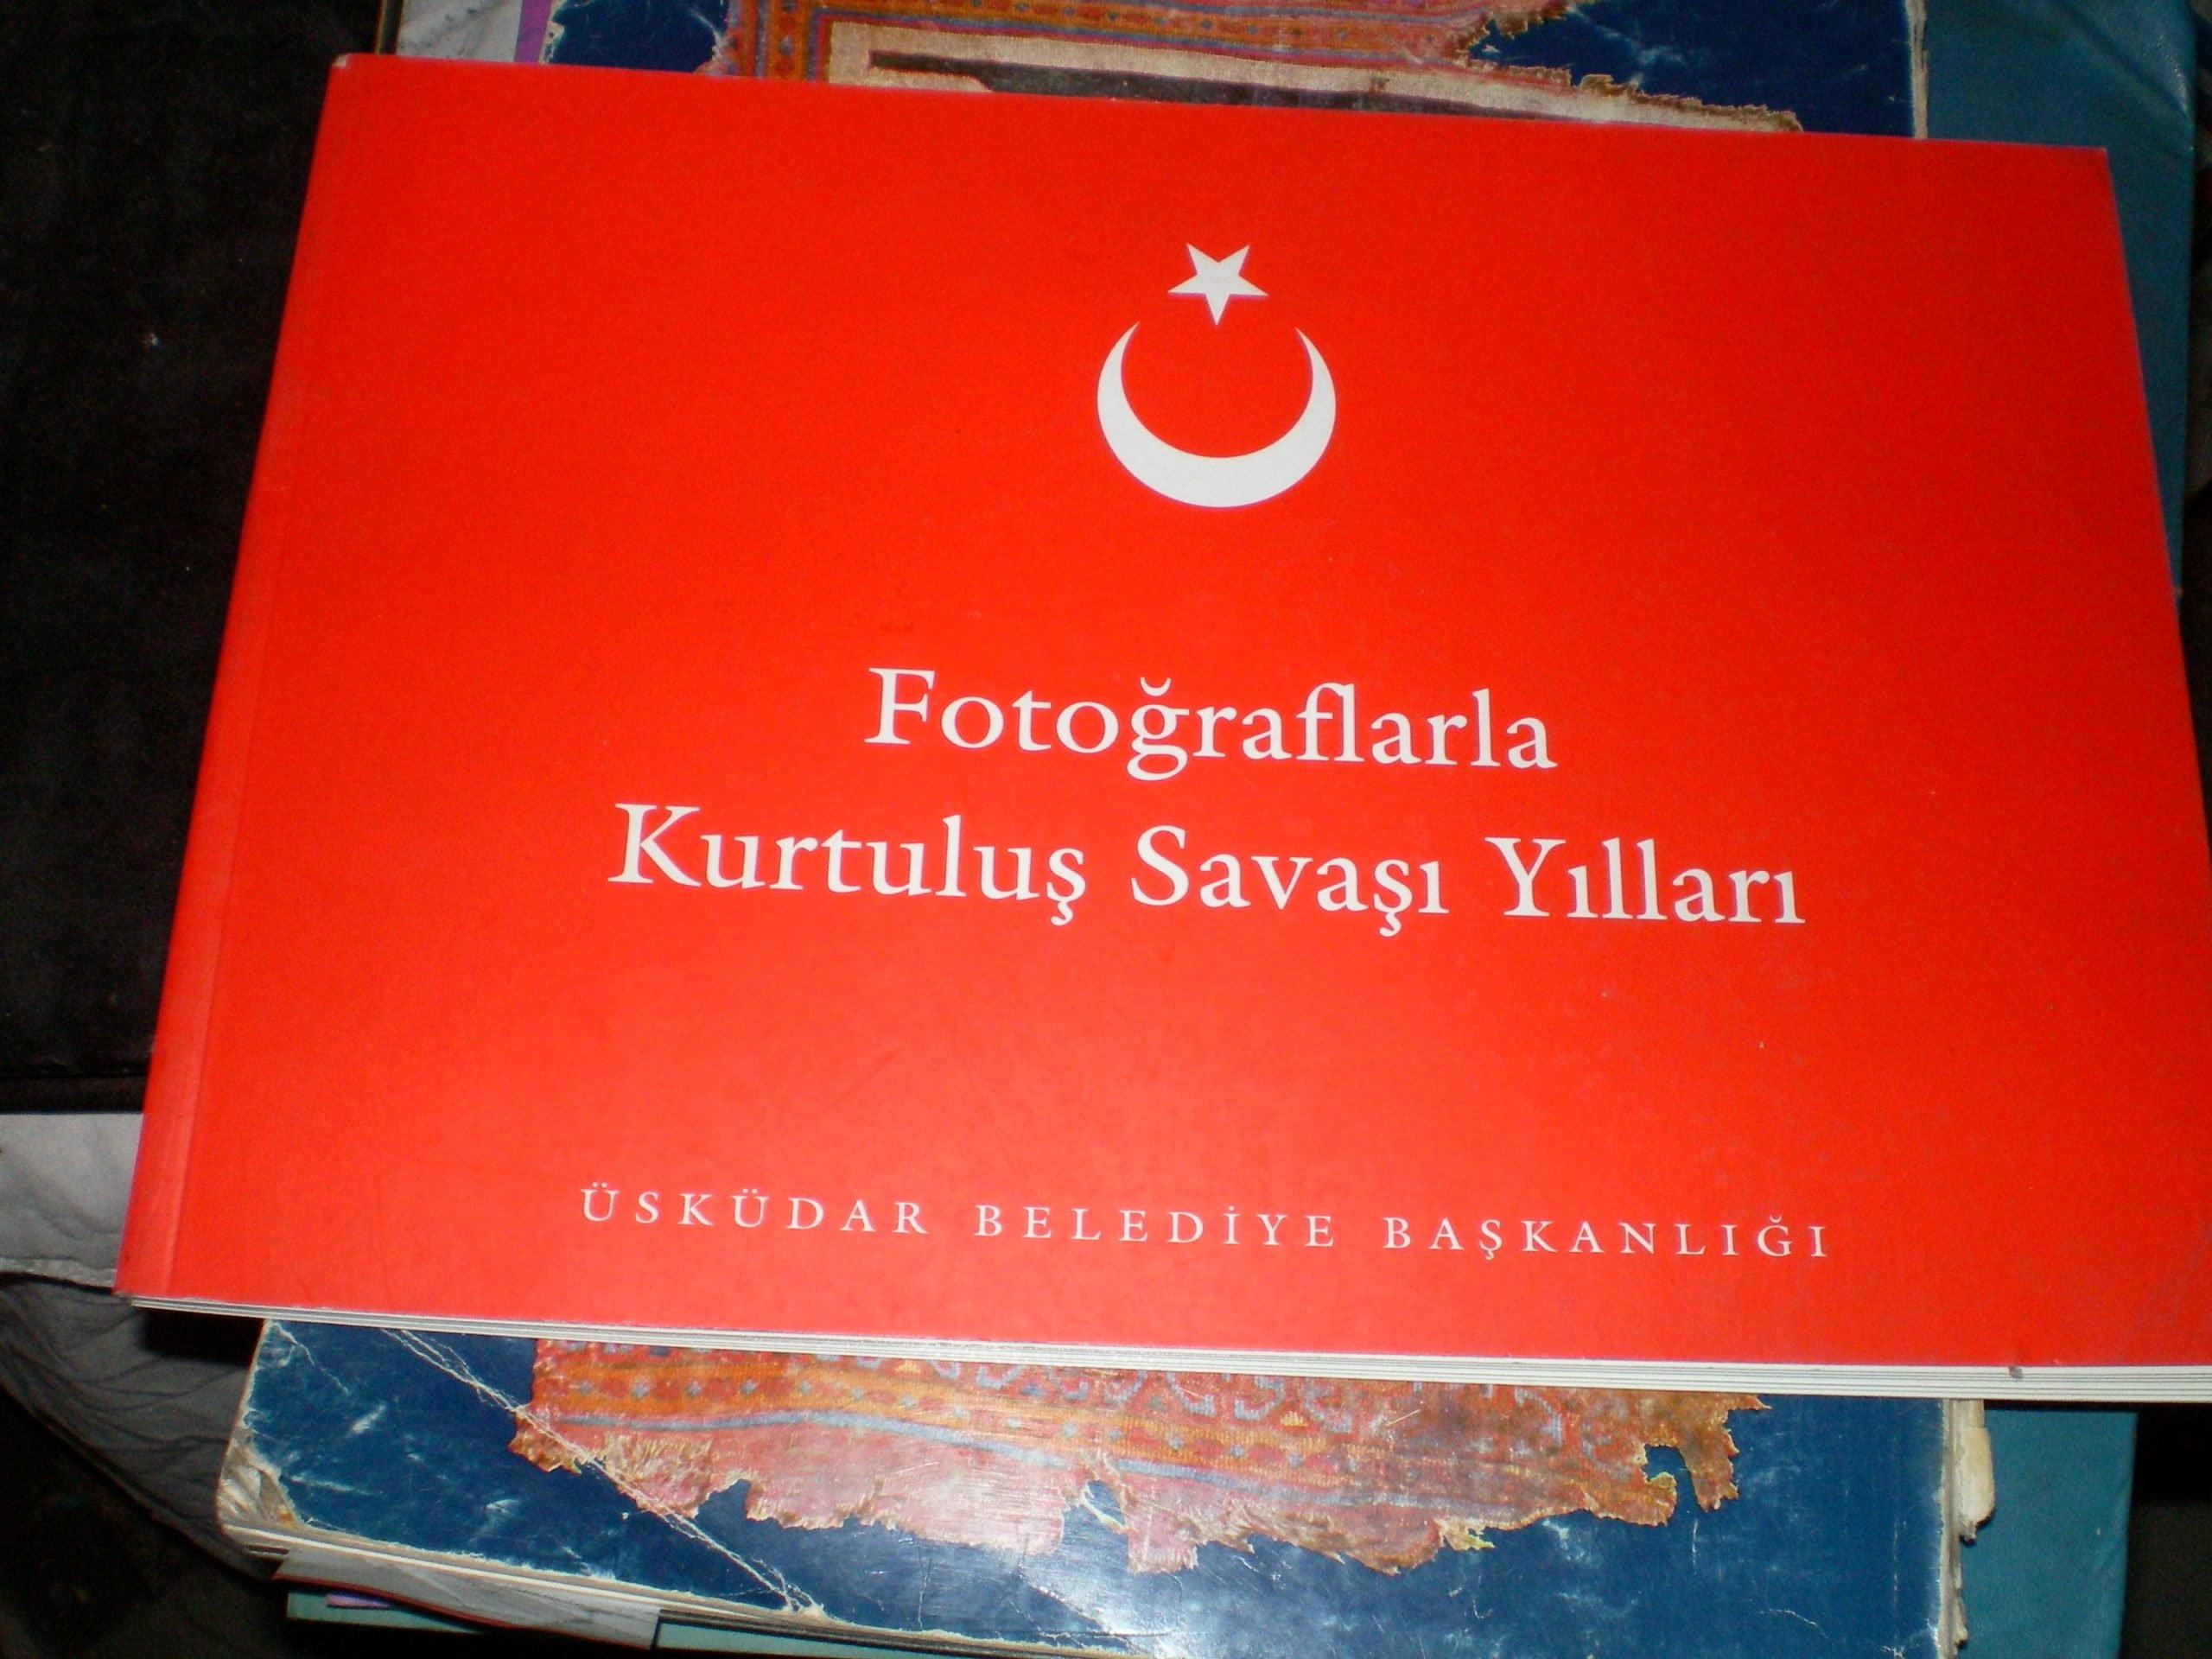 FOTOĞRAFLARLA KURTULUŞ SAVAŞI YILLARI/Üsküdar Belediyesi/15 tl